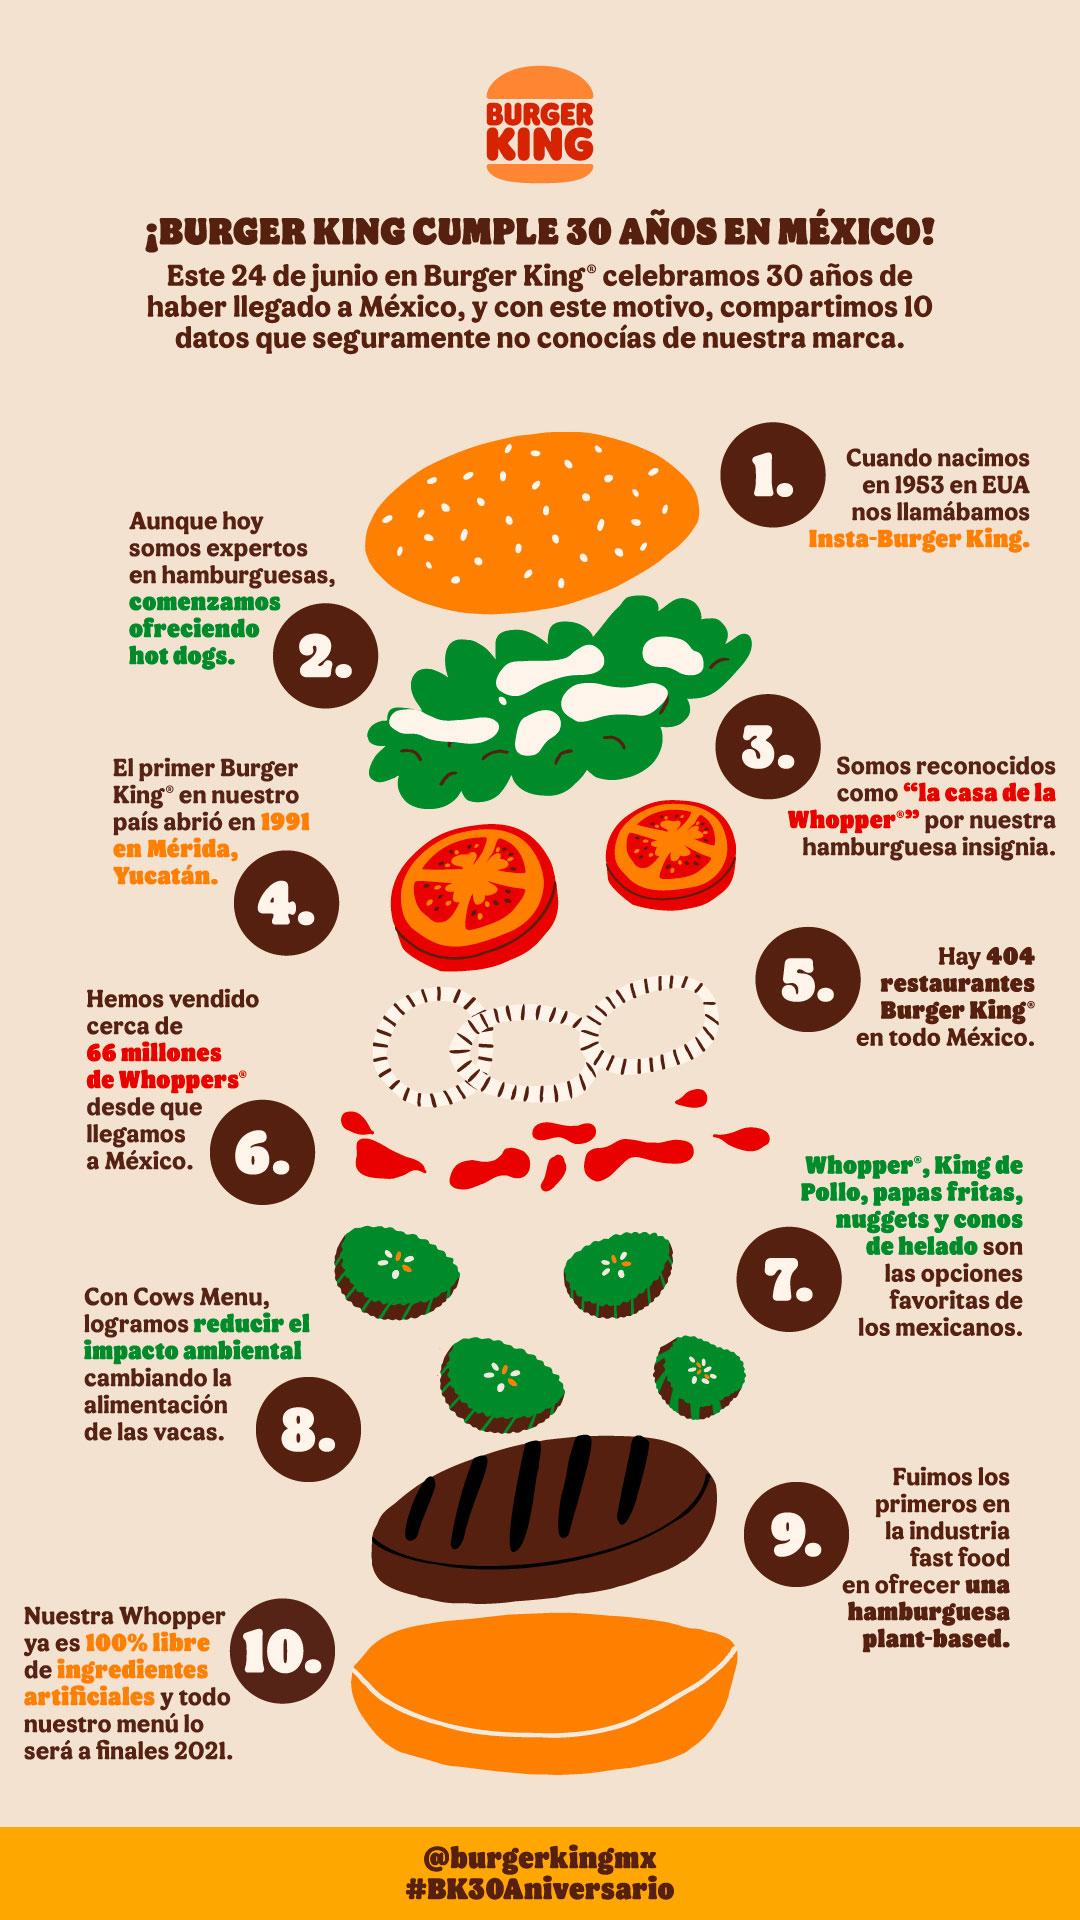 Burger King cumple 30 años en México y comparte 10 datos que no conocías de la marca